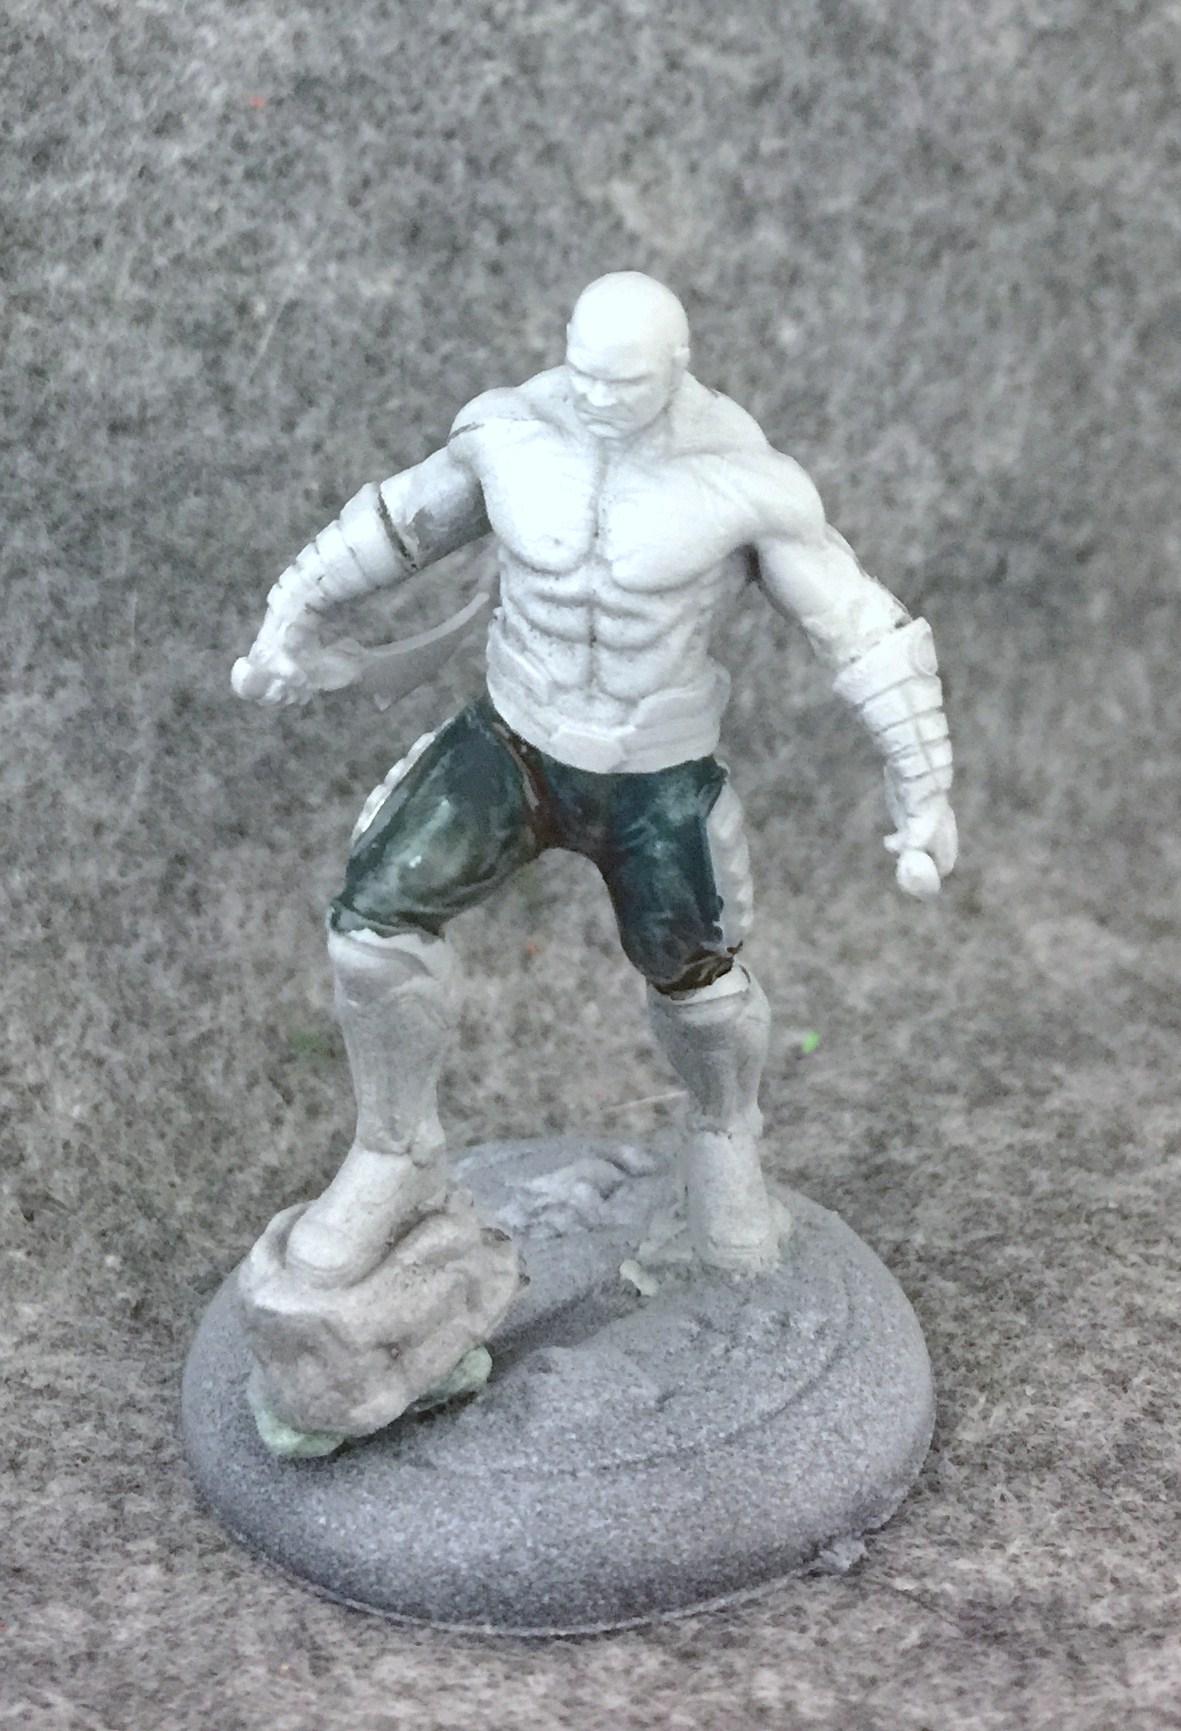 001 Drax Knight Models